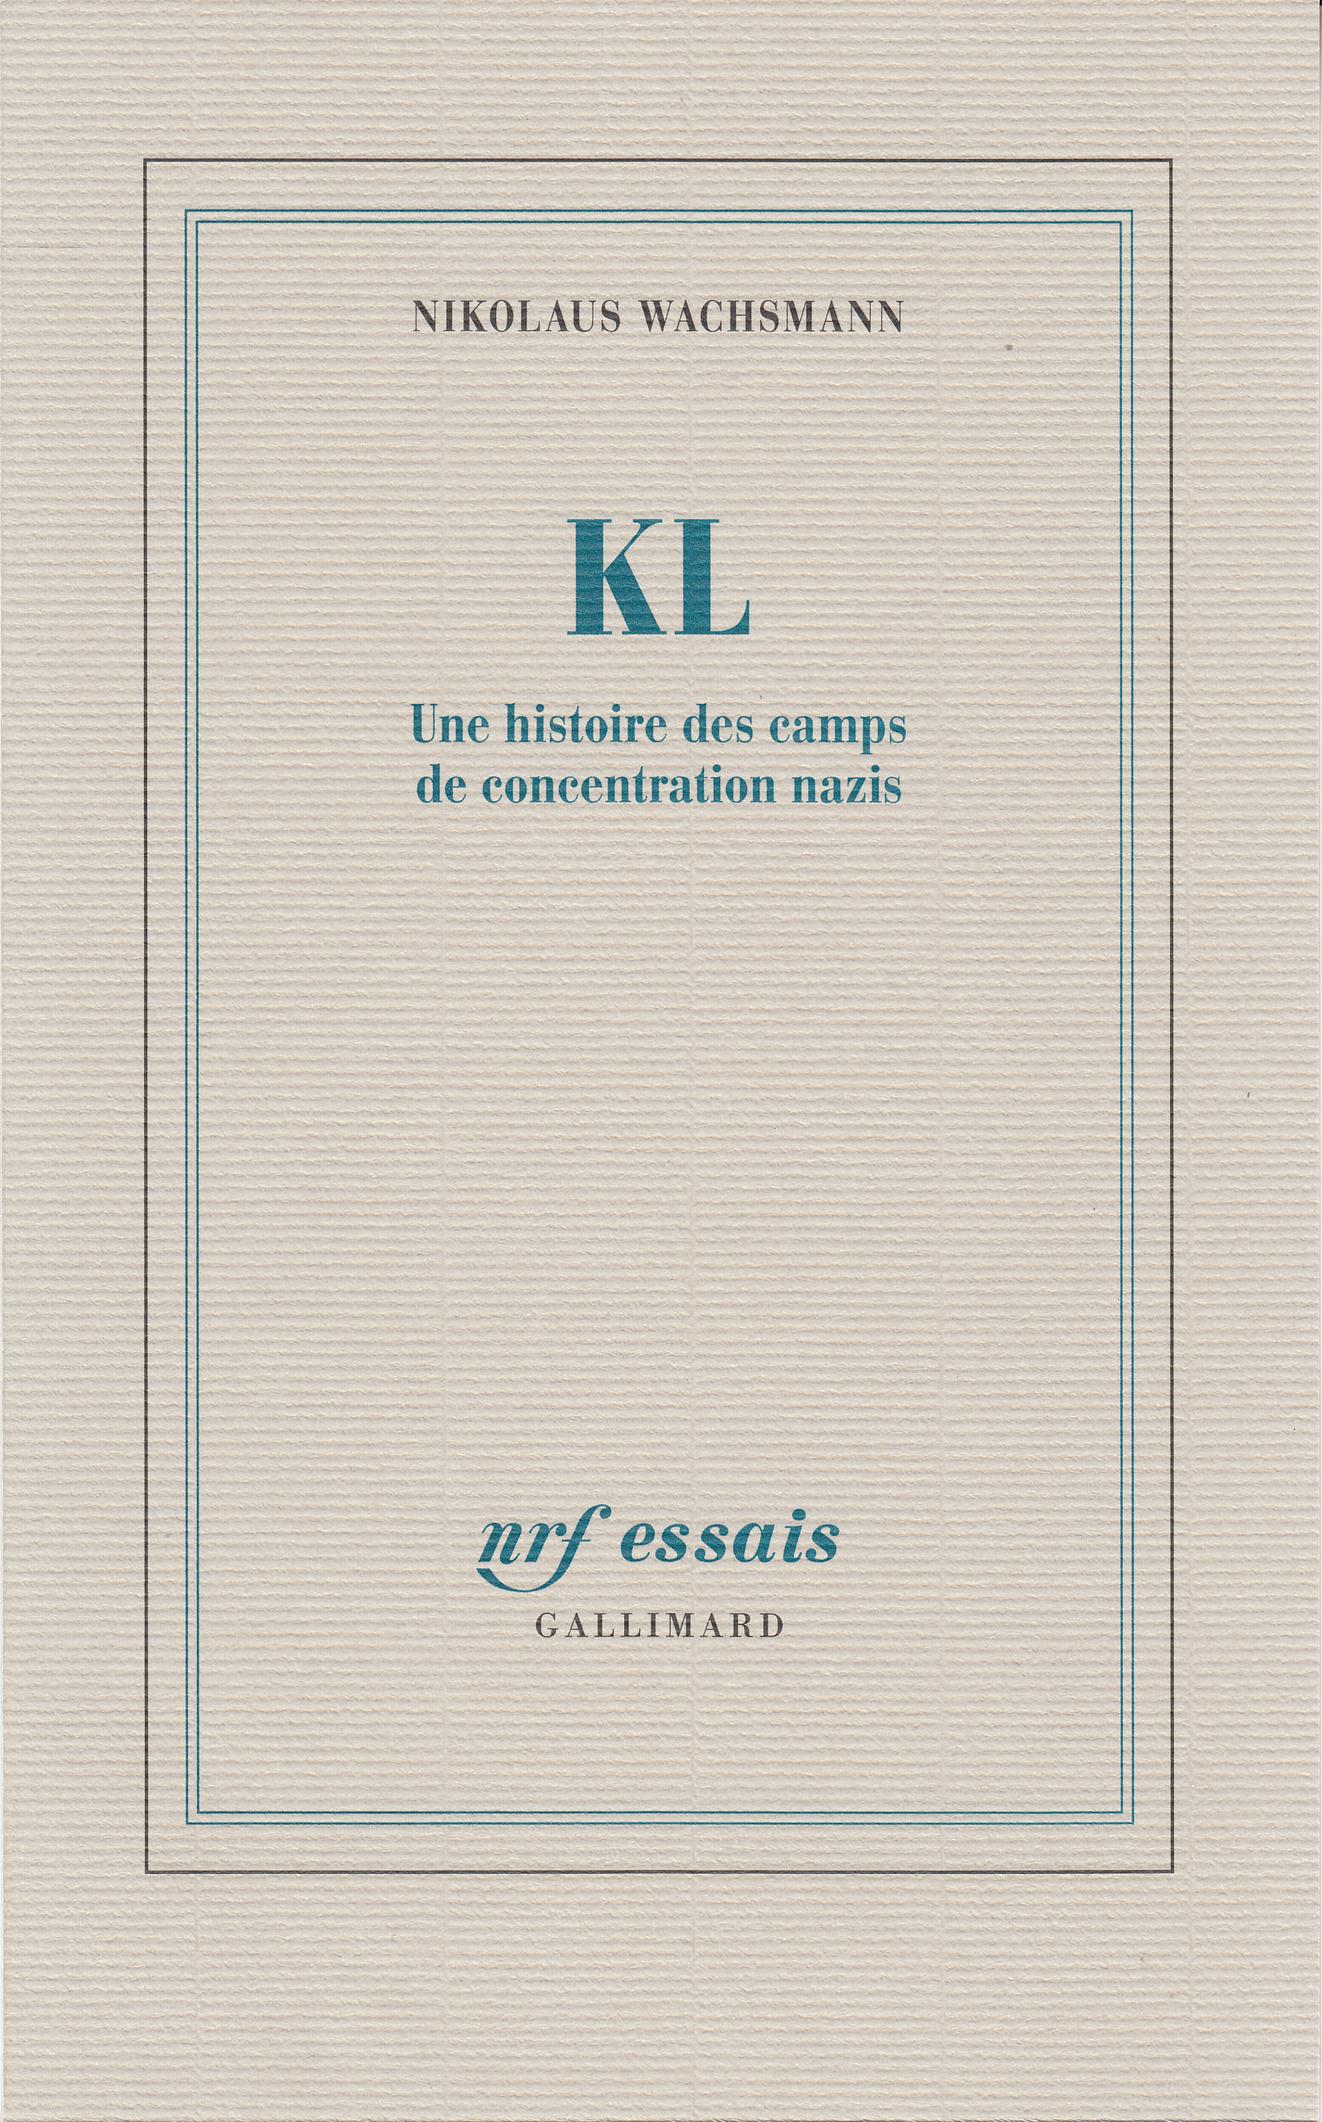 N. Wachsmann, KL. Une histoire des camps de concentration nazis